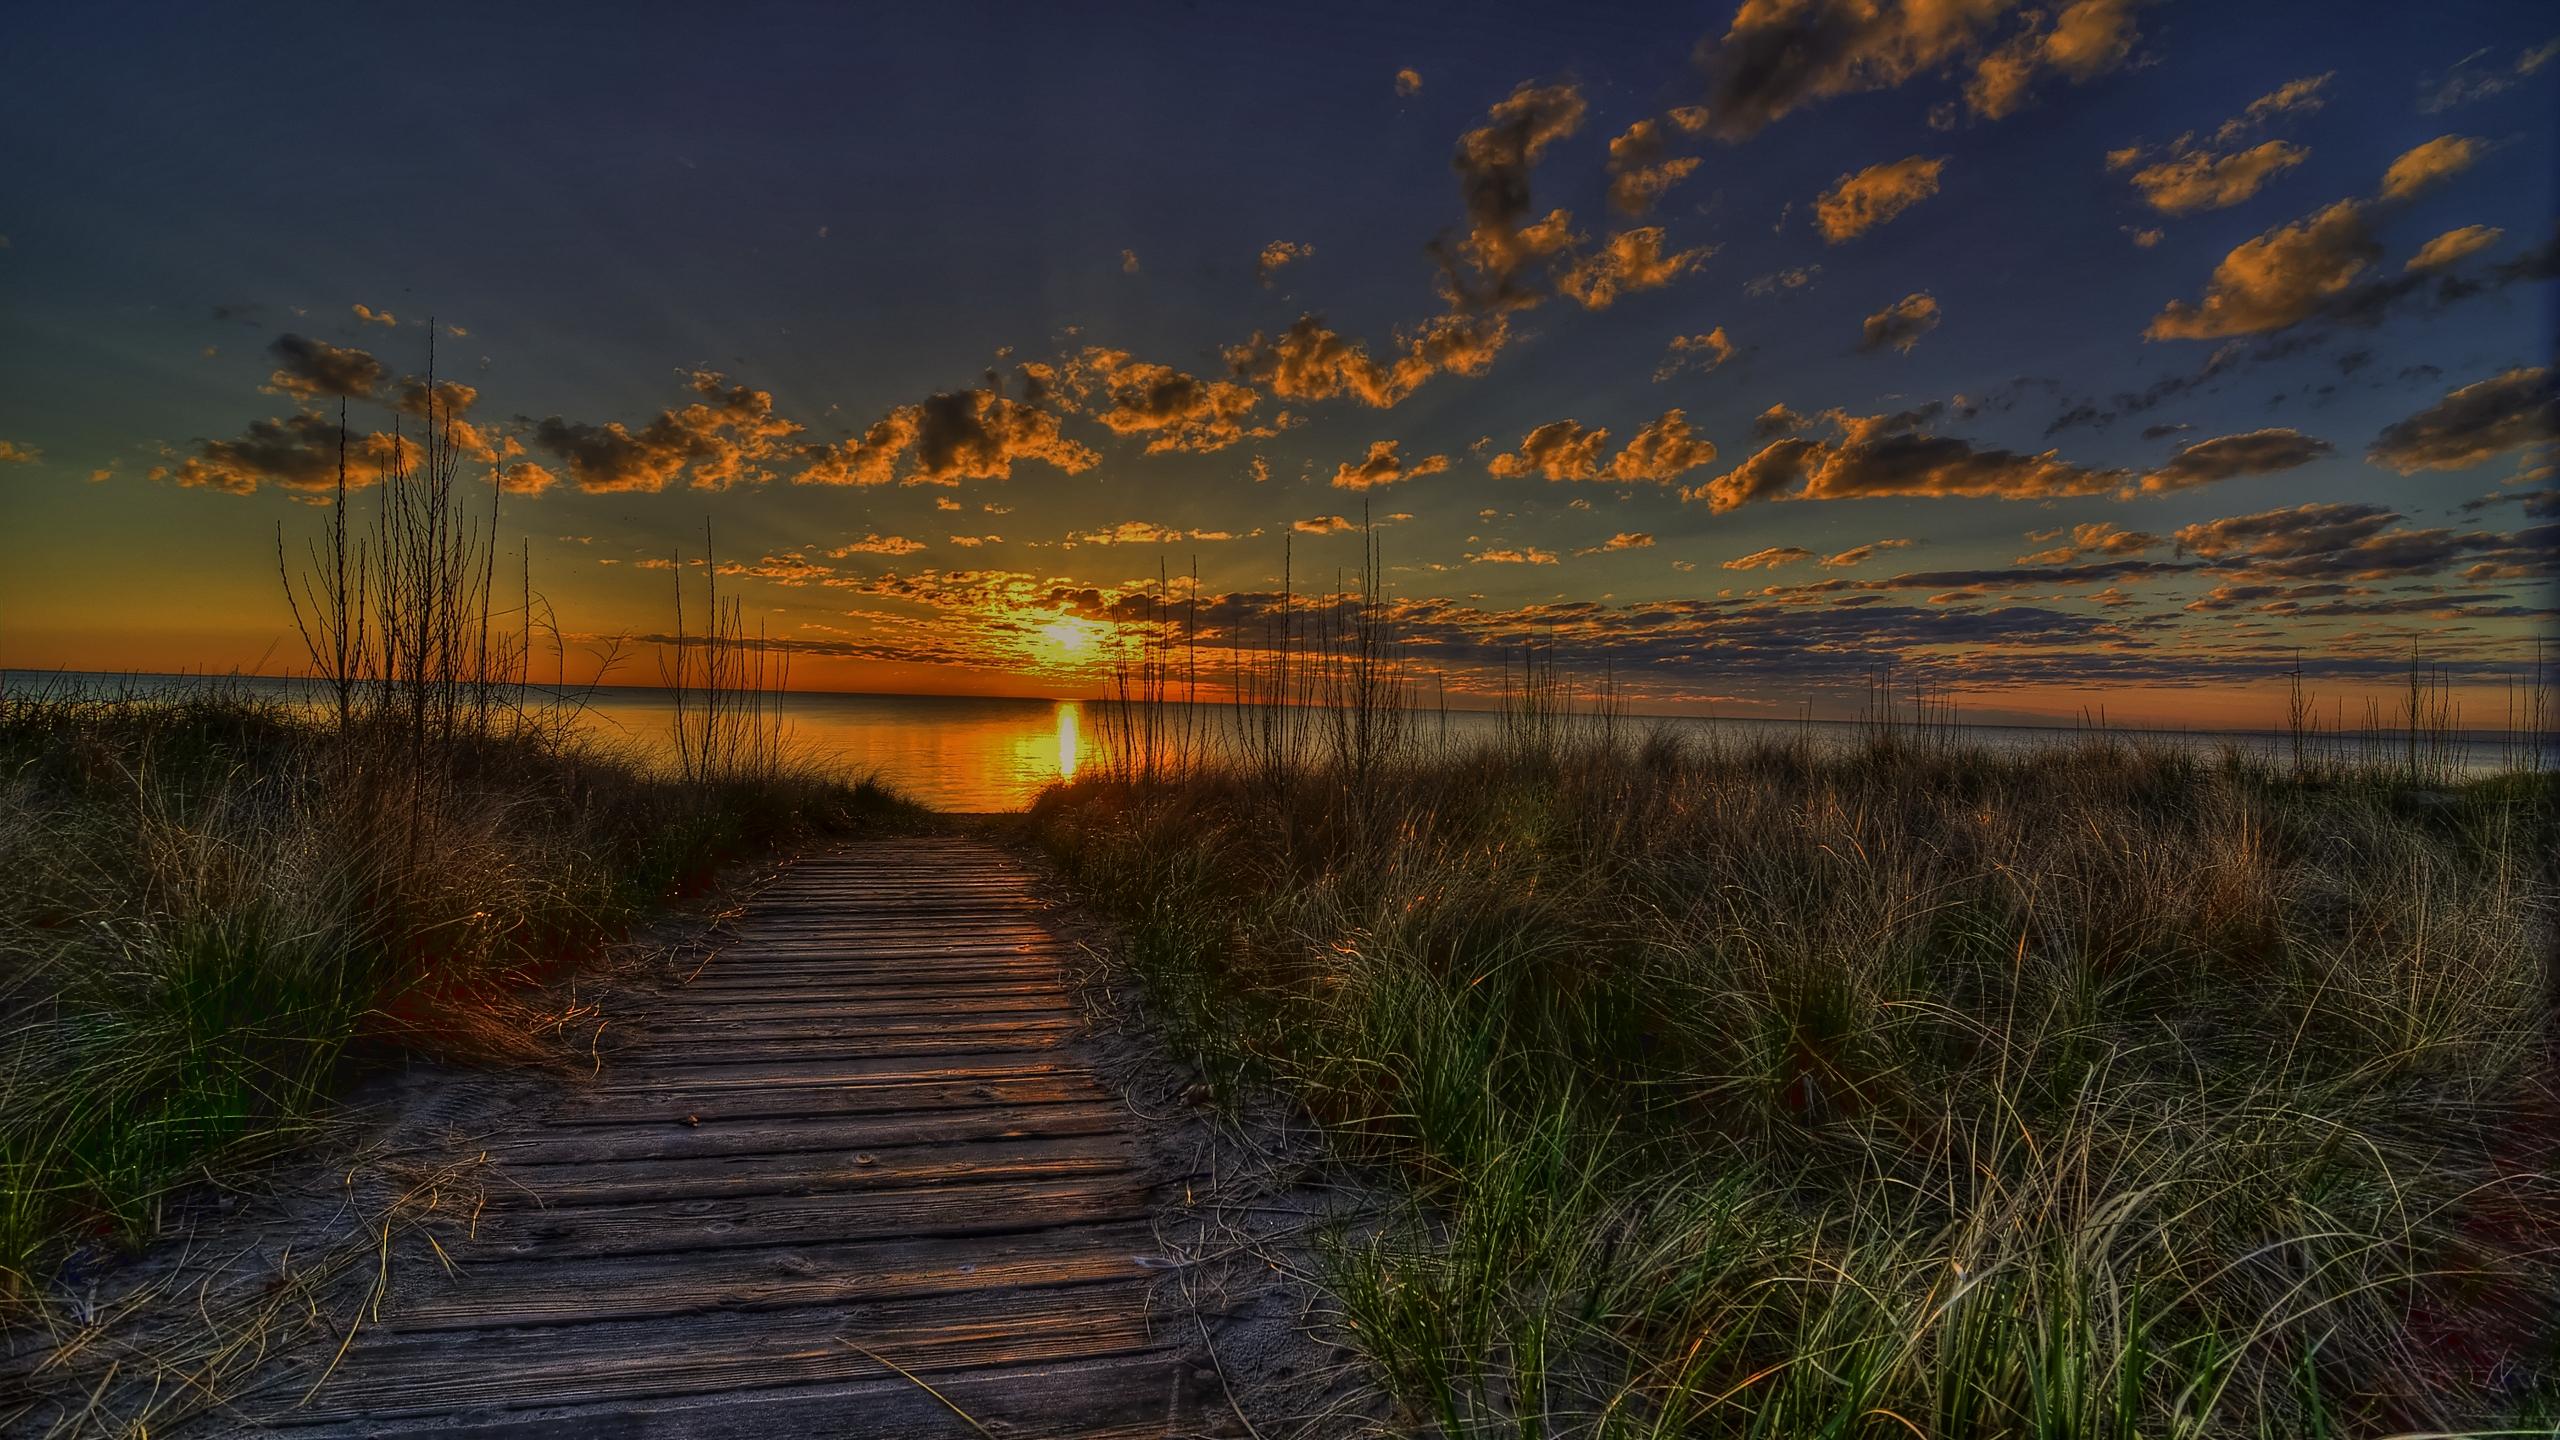 tramonto estivo File vettoriale   ForWallpapercom 2560x1440